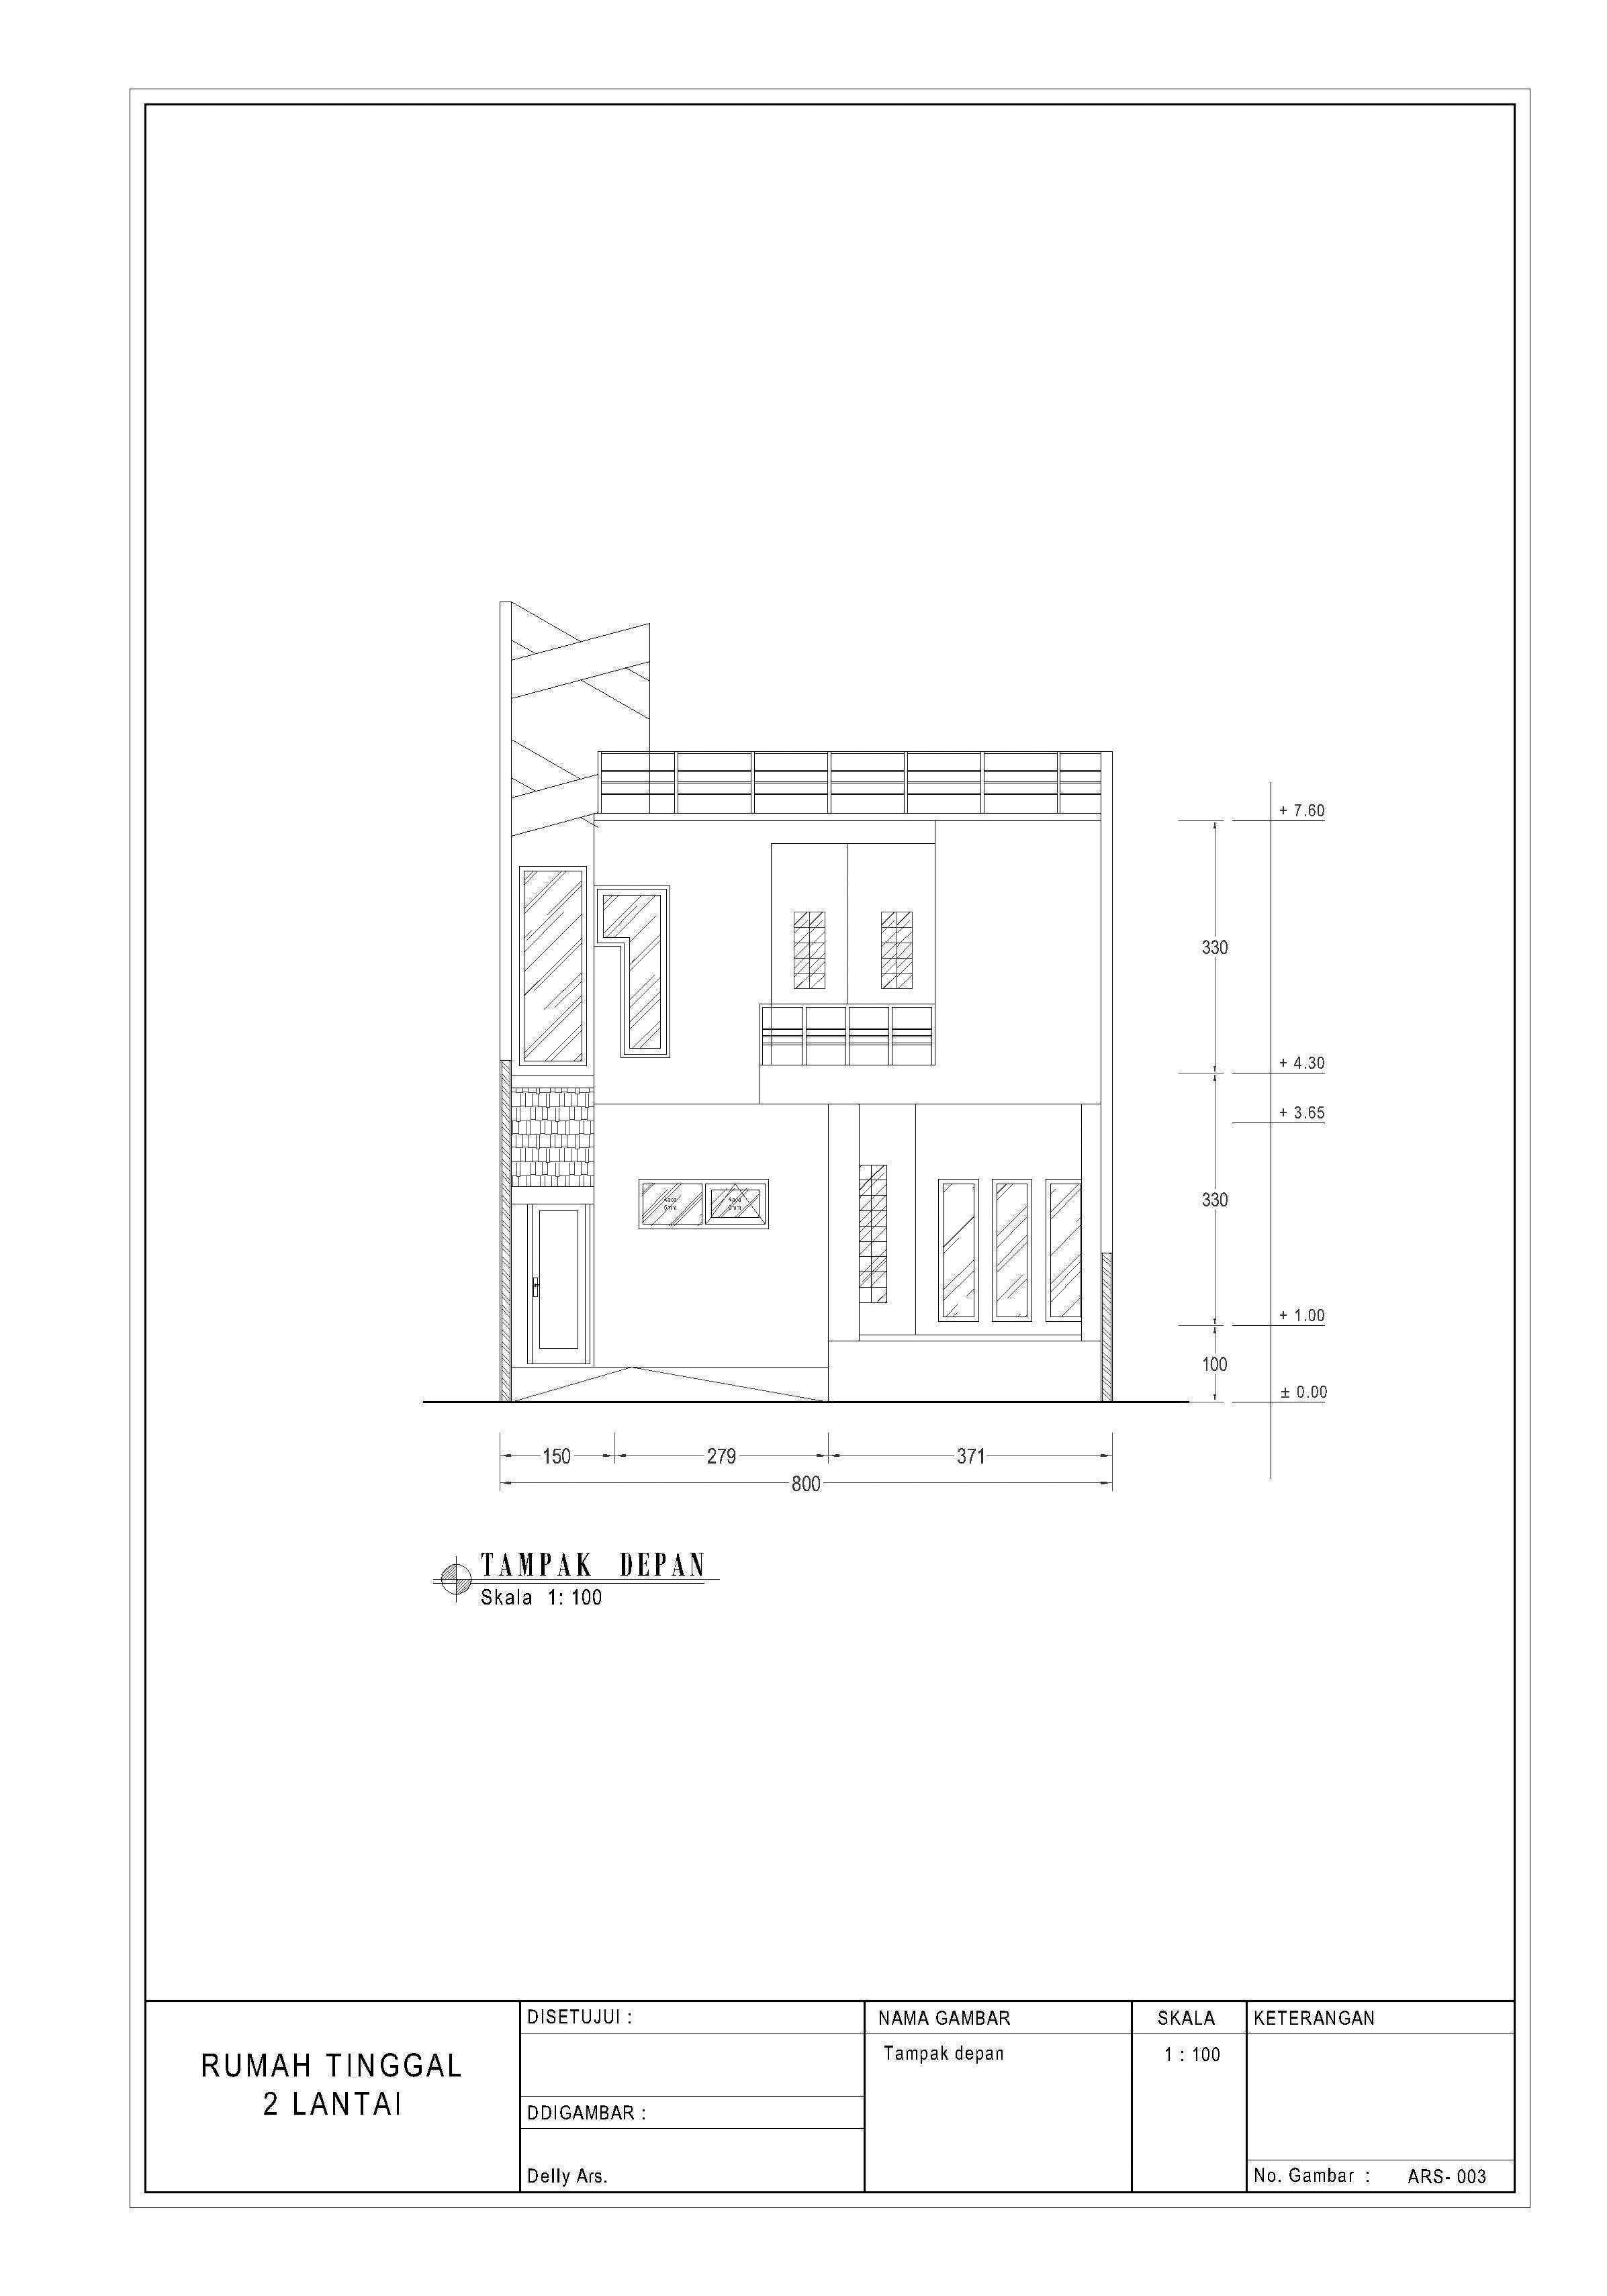 Arsein_Design Bangunan Rumah Tinggal 3Lt Semarang, Kota Semarang, Jawa Tengah, Indonesia Semarang, Kota Semarang, Jawa Tengah, Indonesia Arseindesign-Bangunan-Rumah-Tinggal-3Lt   82475